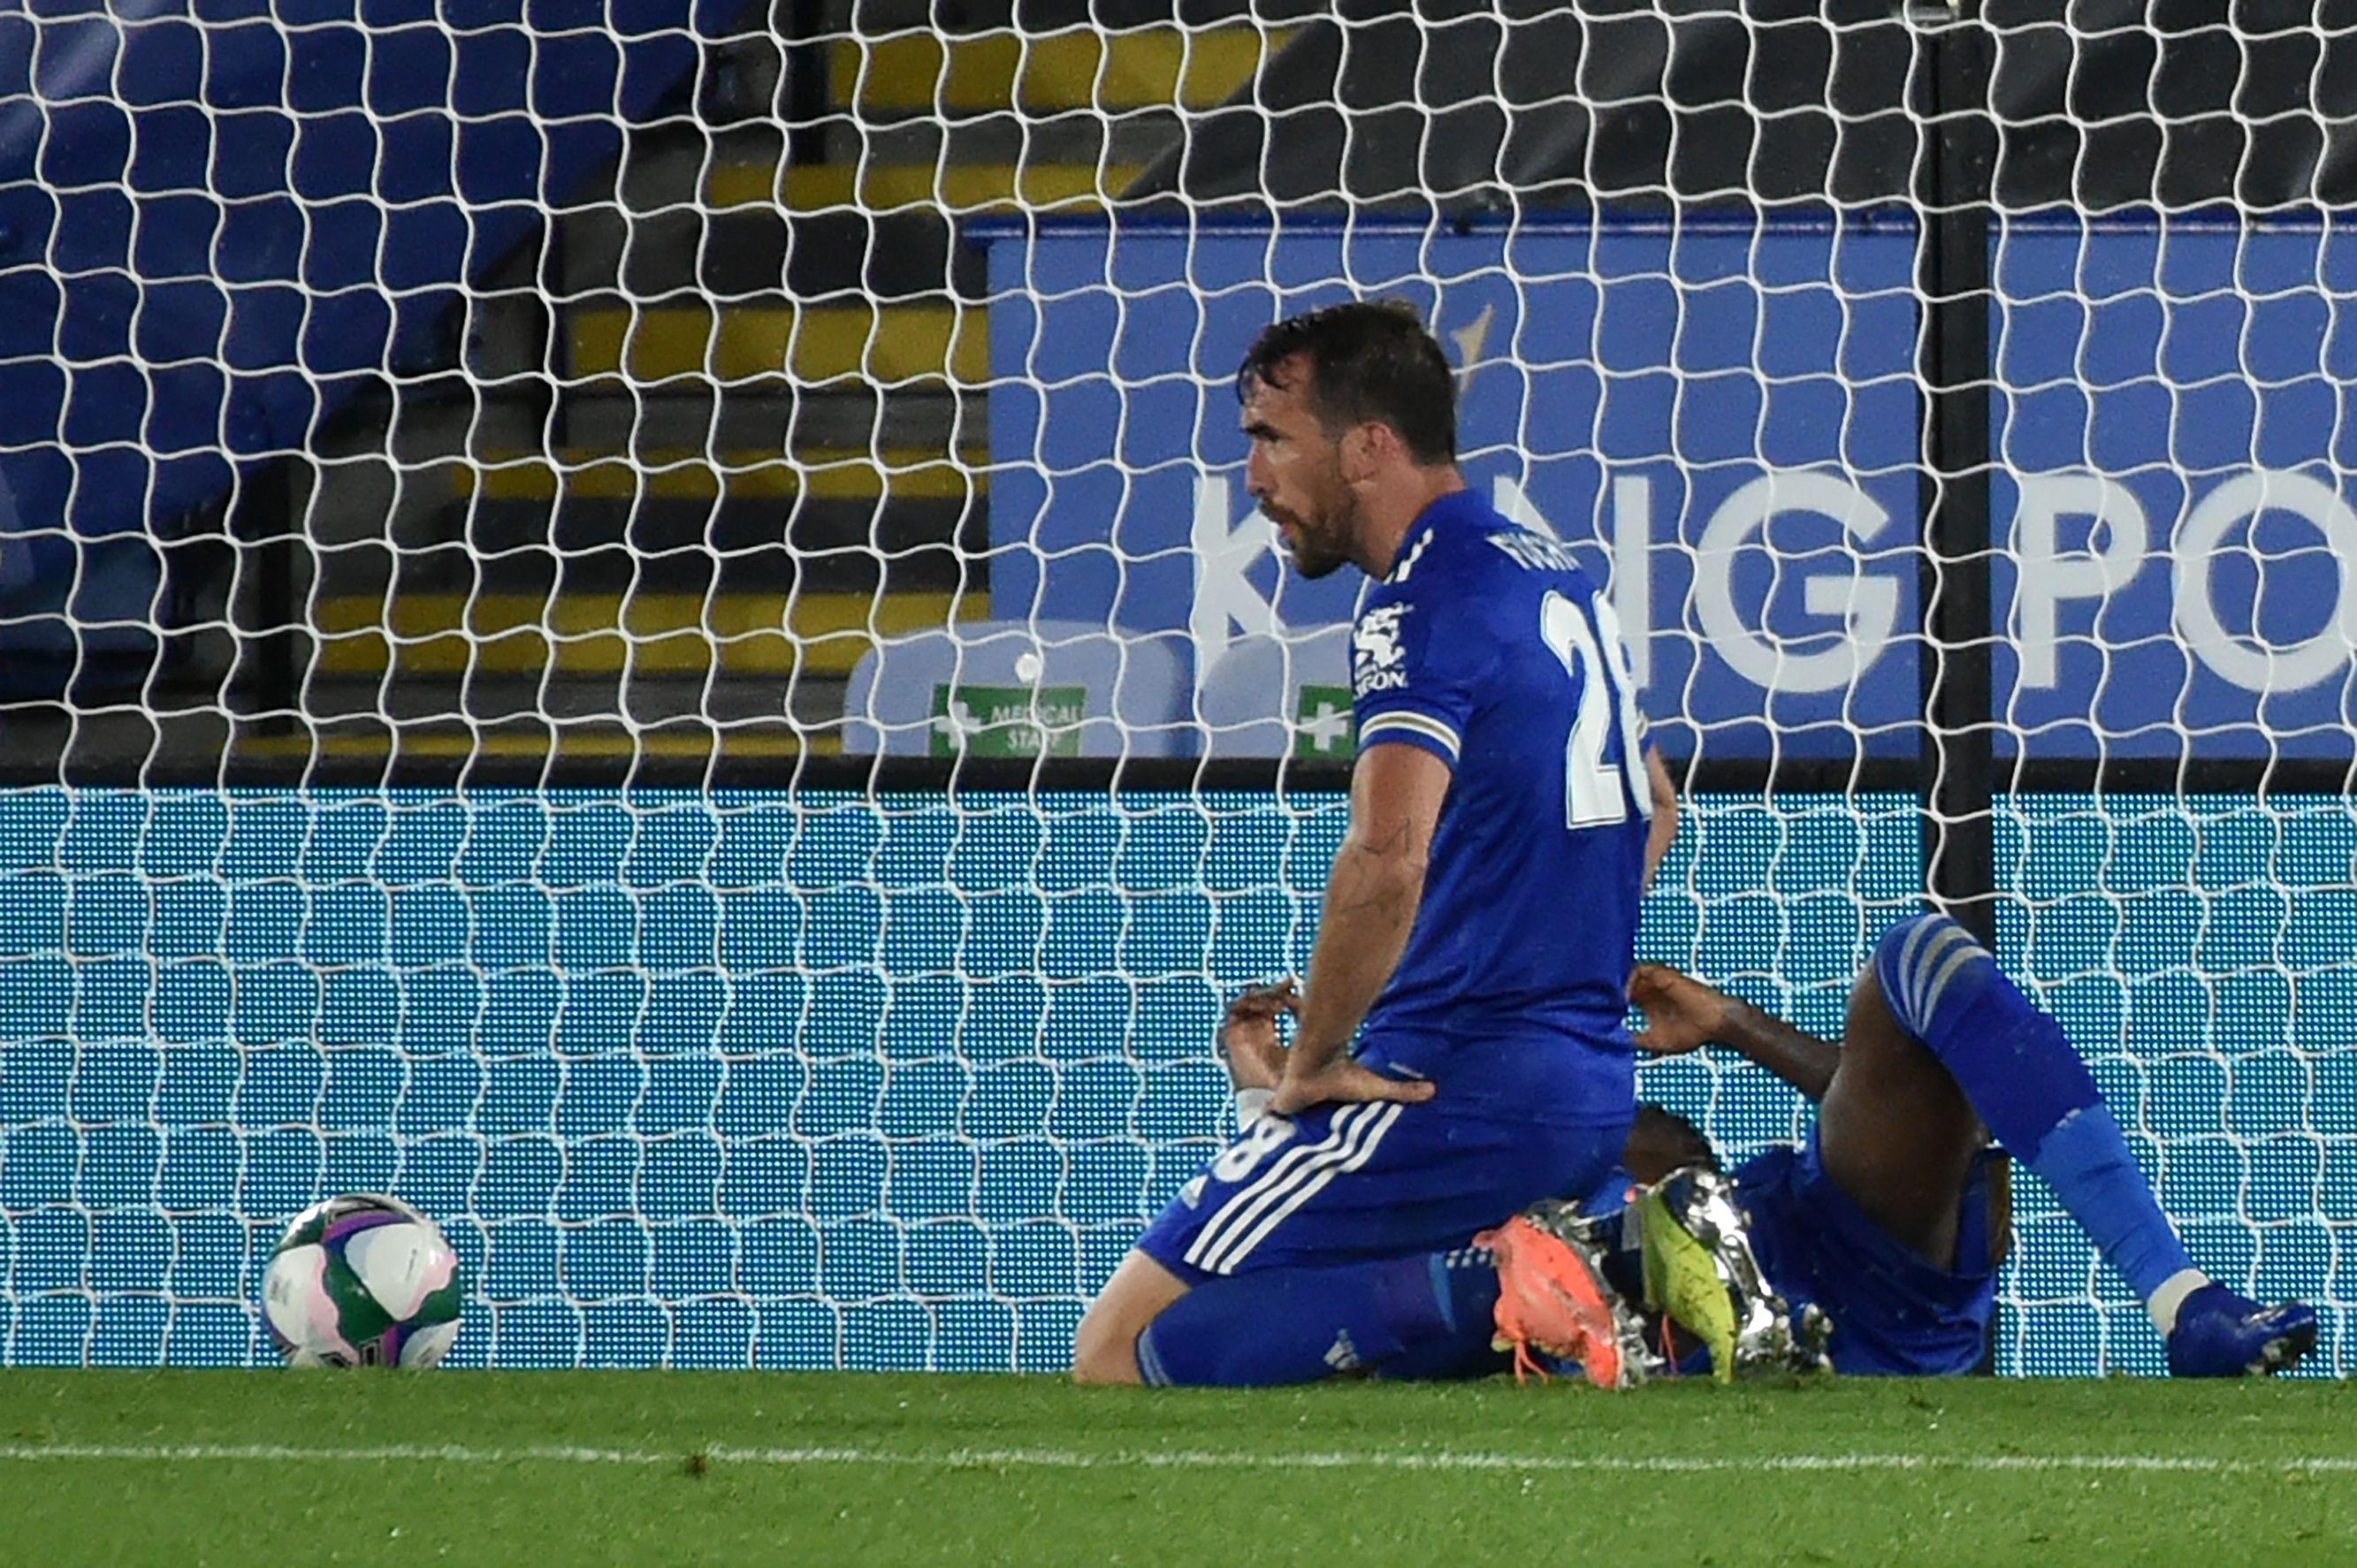 Christian Fuchs scored an own goal